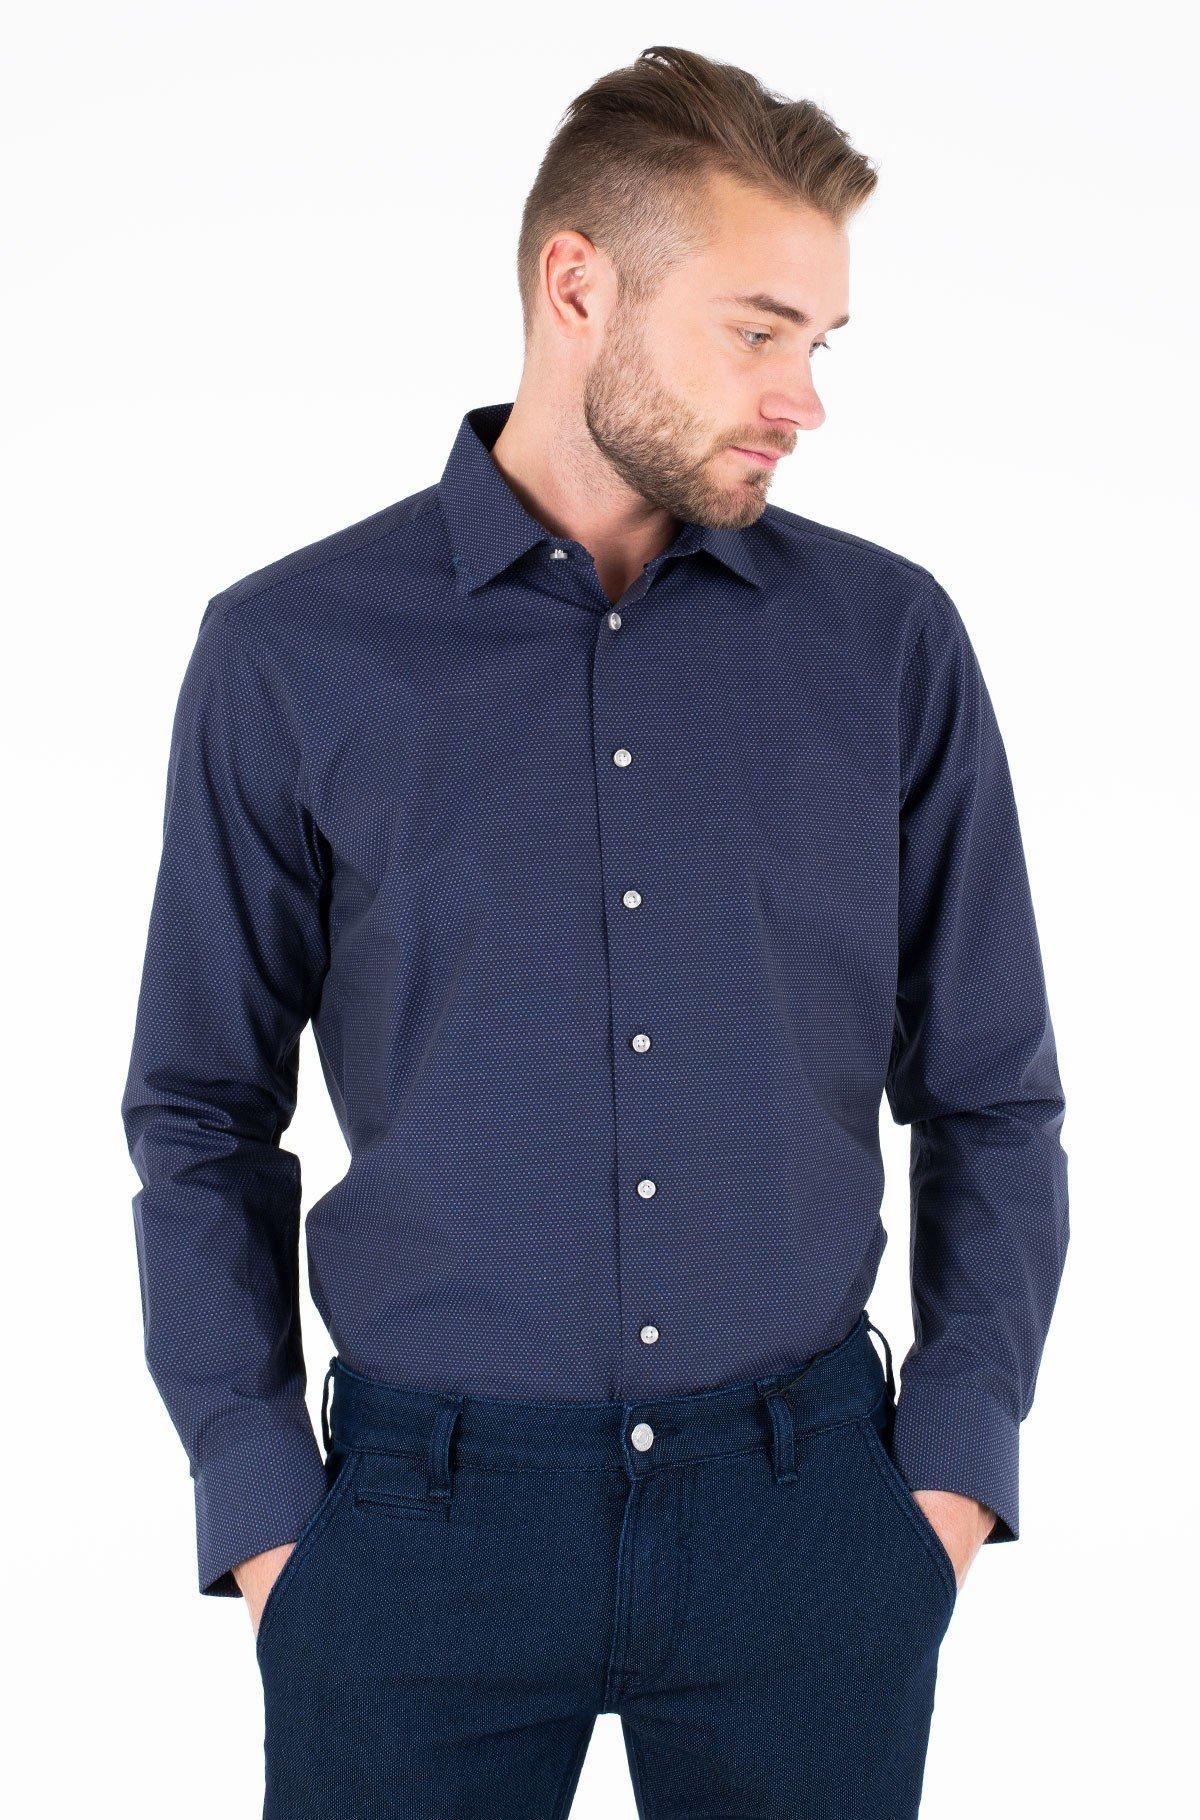 Marškiniai 3100426-full-1